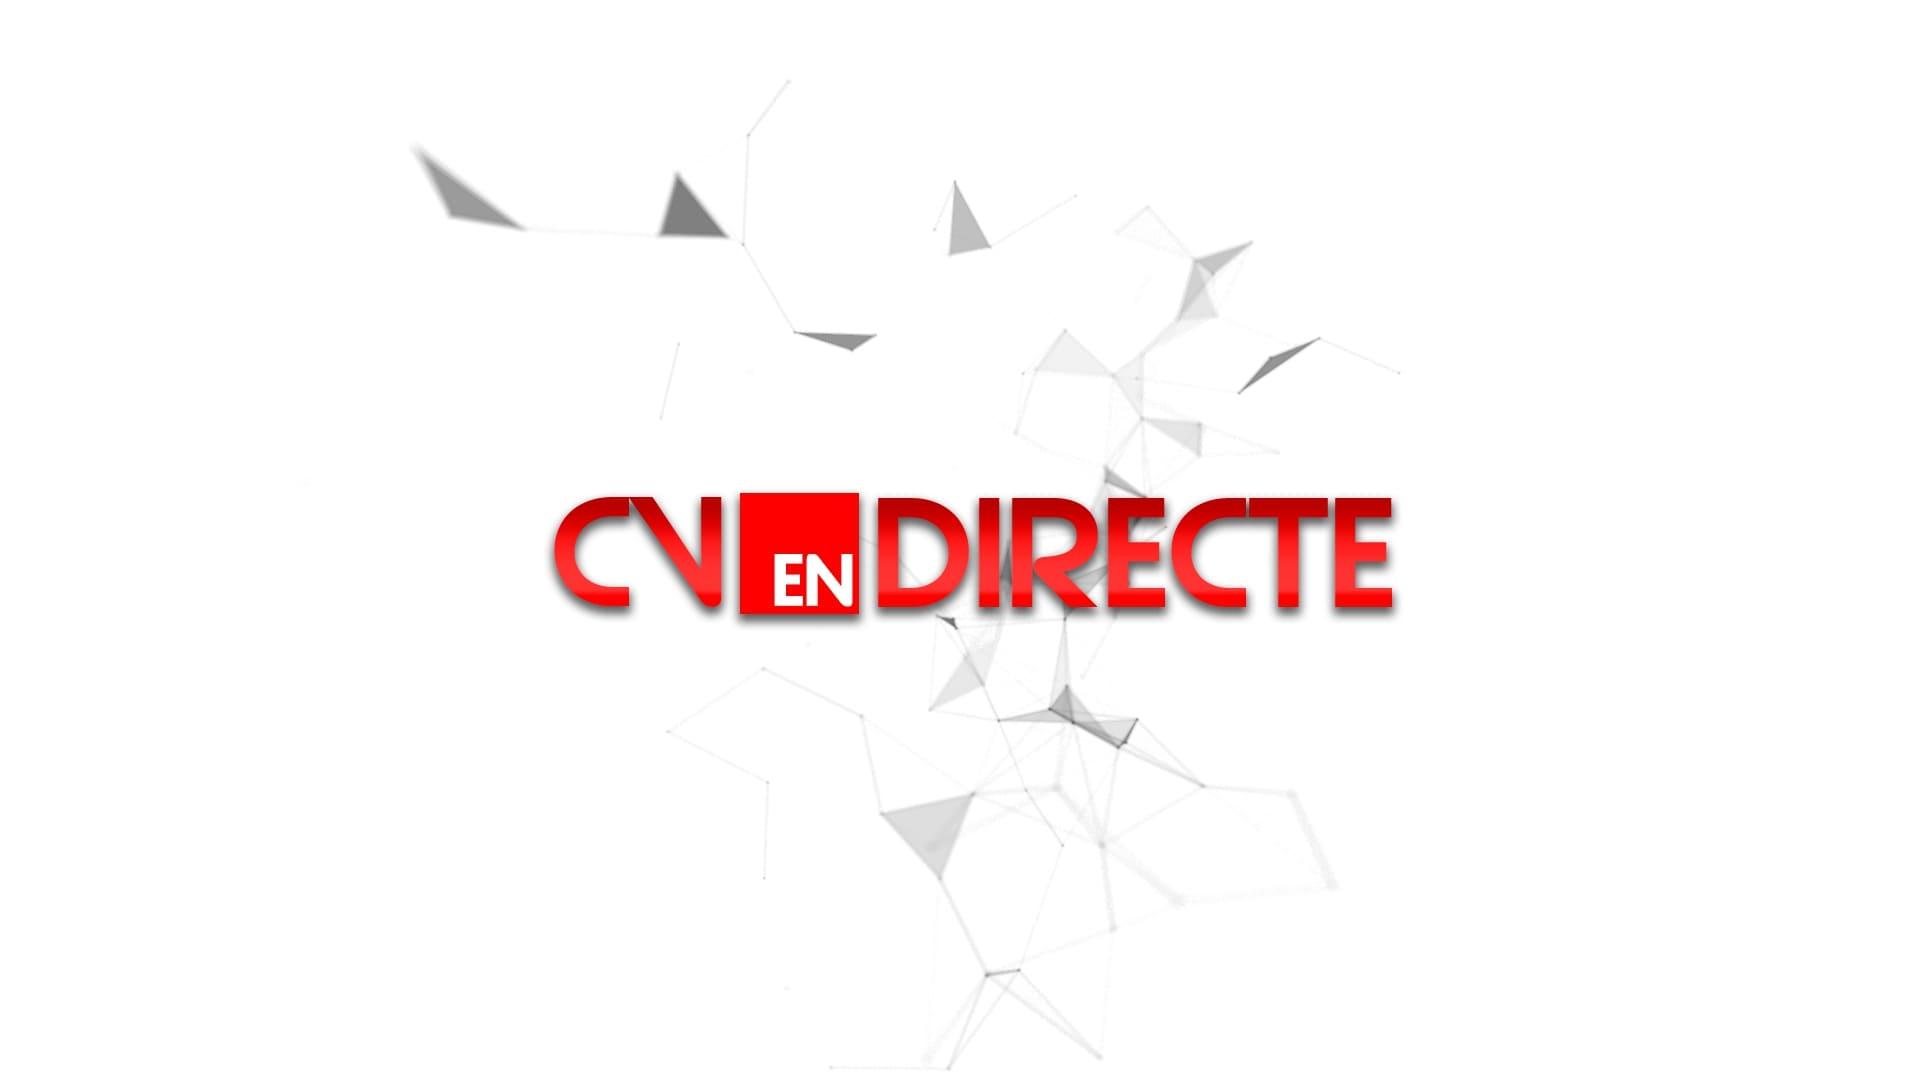 Entrevista Abandoned Spain en el programa CV en Directe